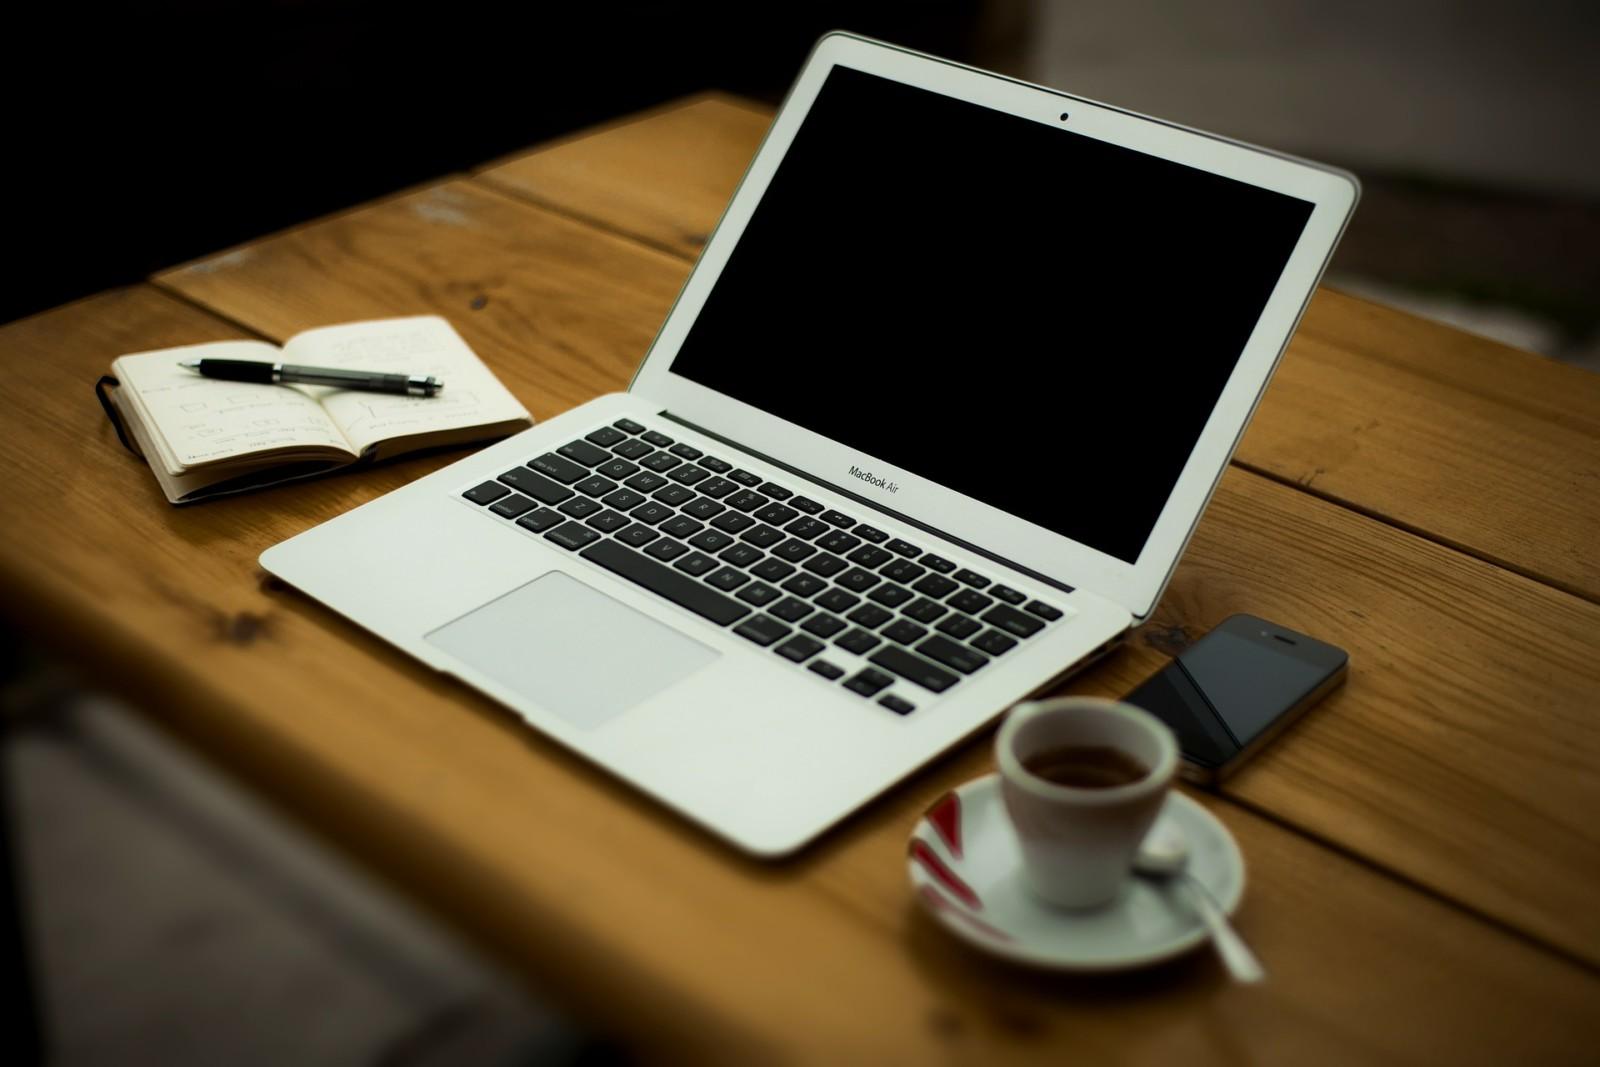 Mein erster Blog